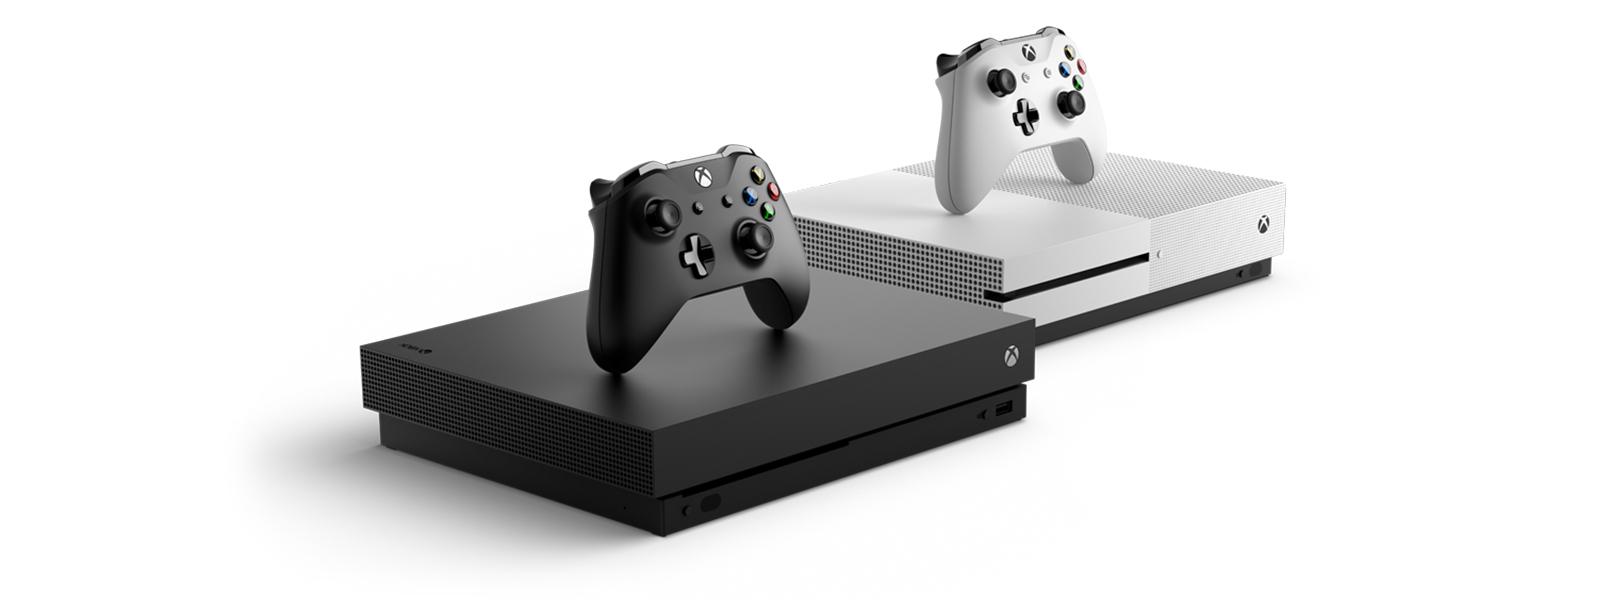 Se abre Xbox Creators Program y salen los primeros juegos, ¡ahora es más fácil subirlos!